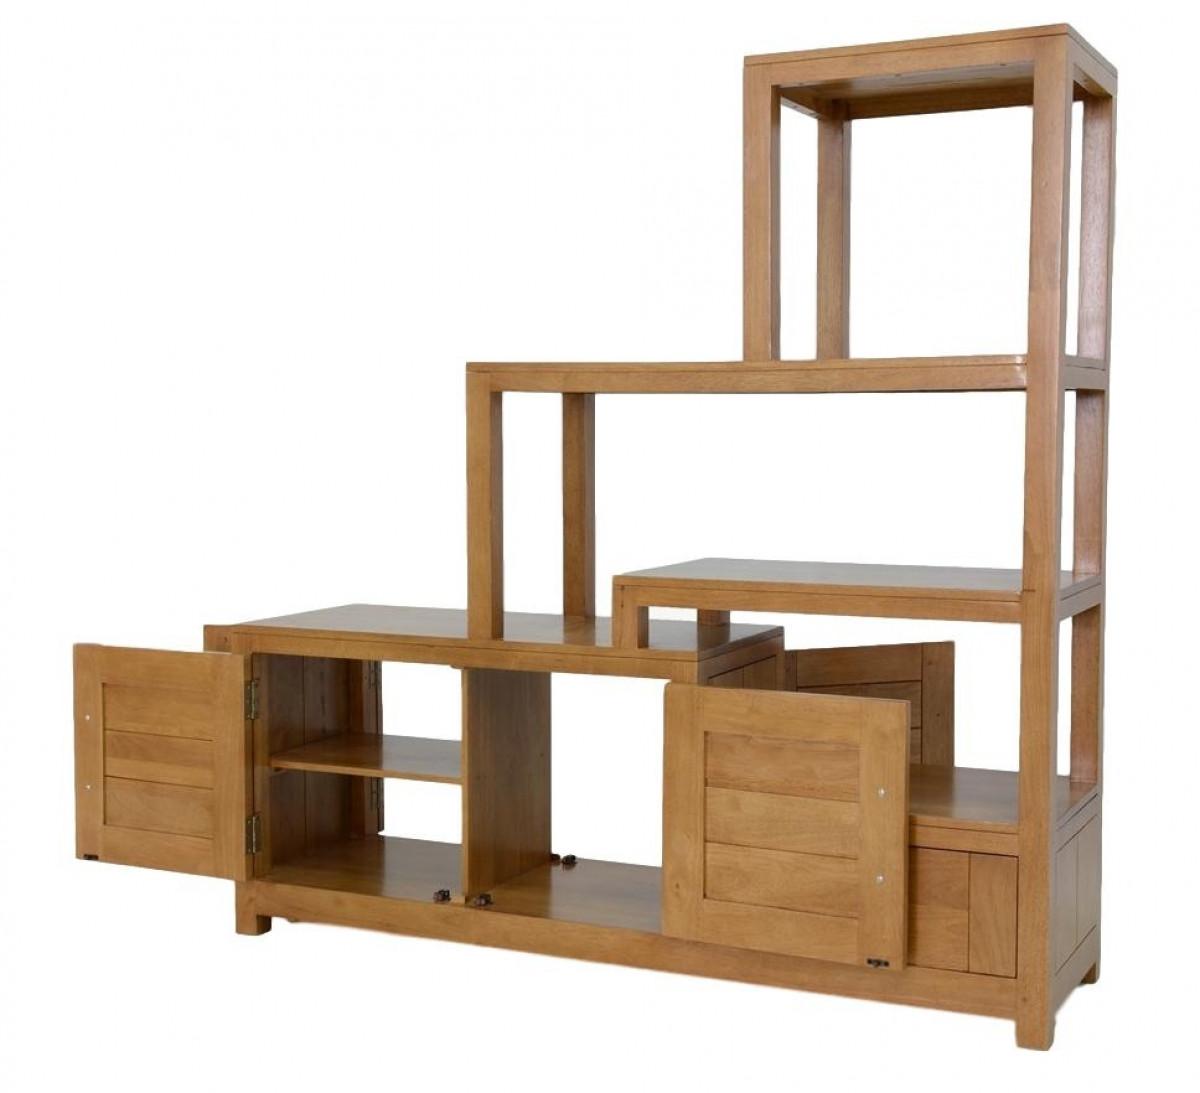 ahor meuble de separation bois recycle